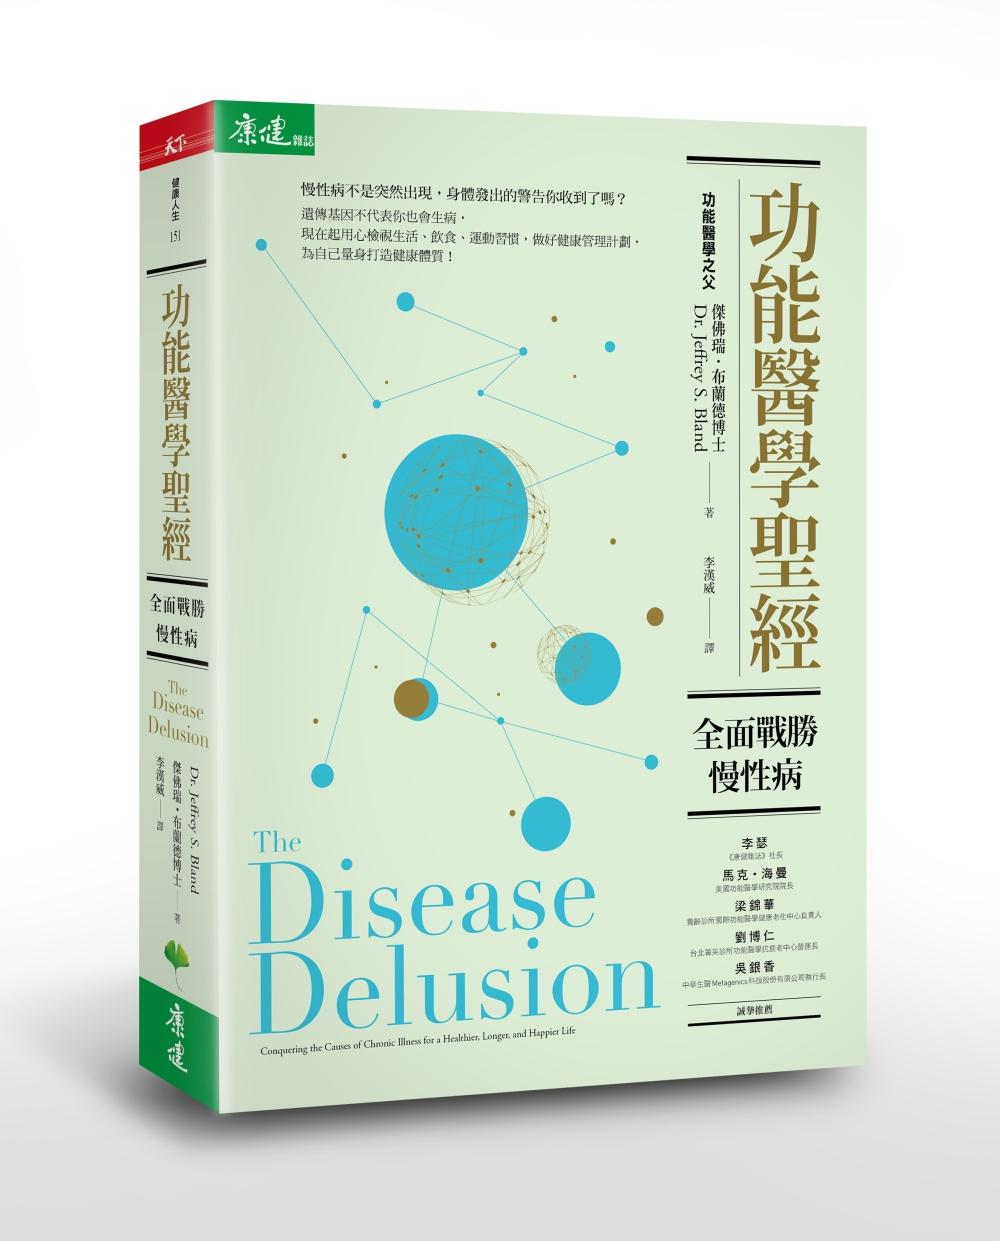 功能醫學聖經:全面戰勝慢性病